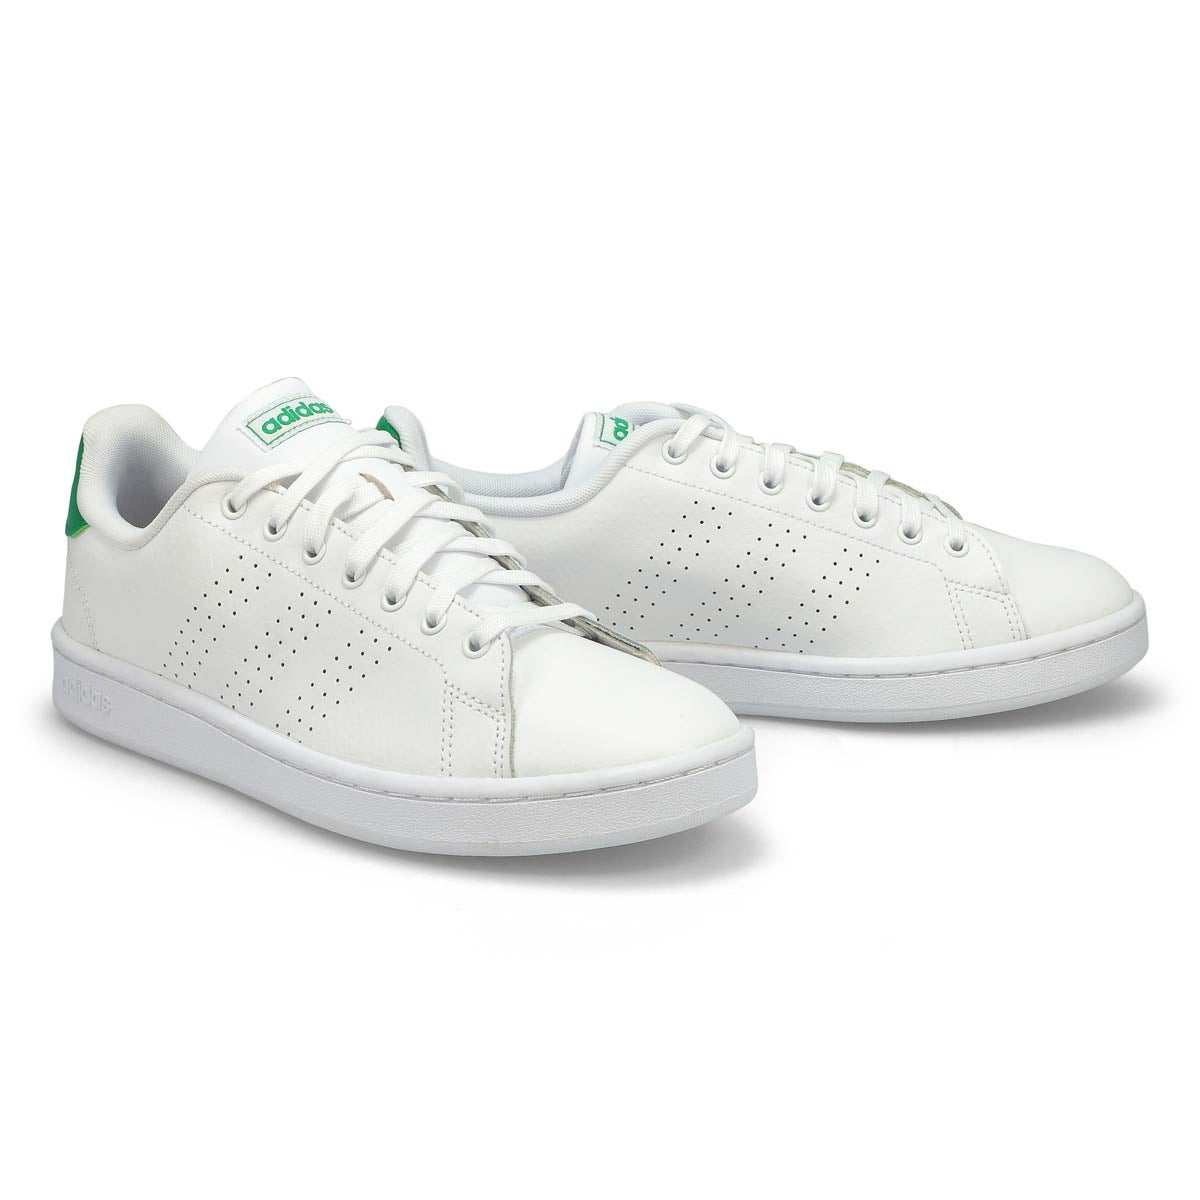 Mns Advantage wht/grn sneaker